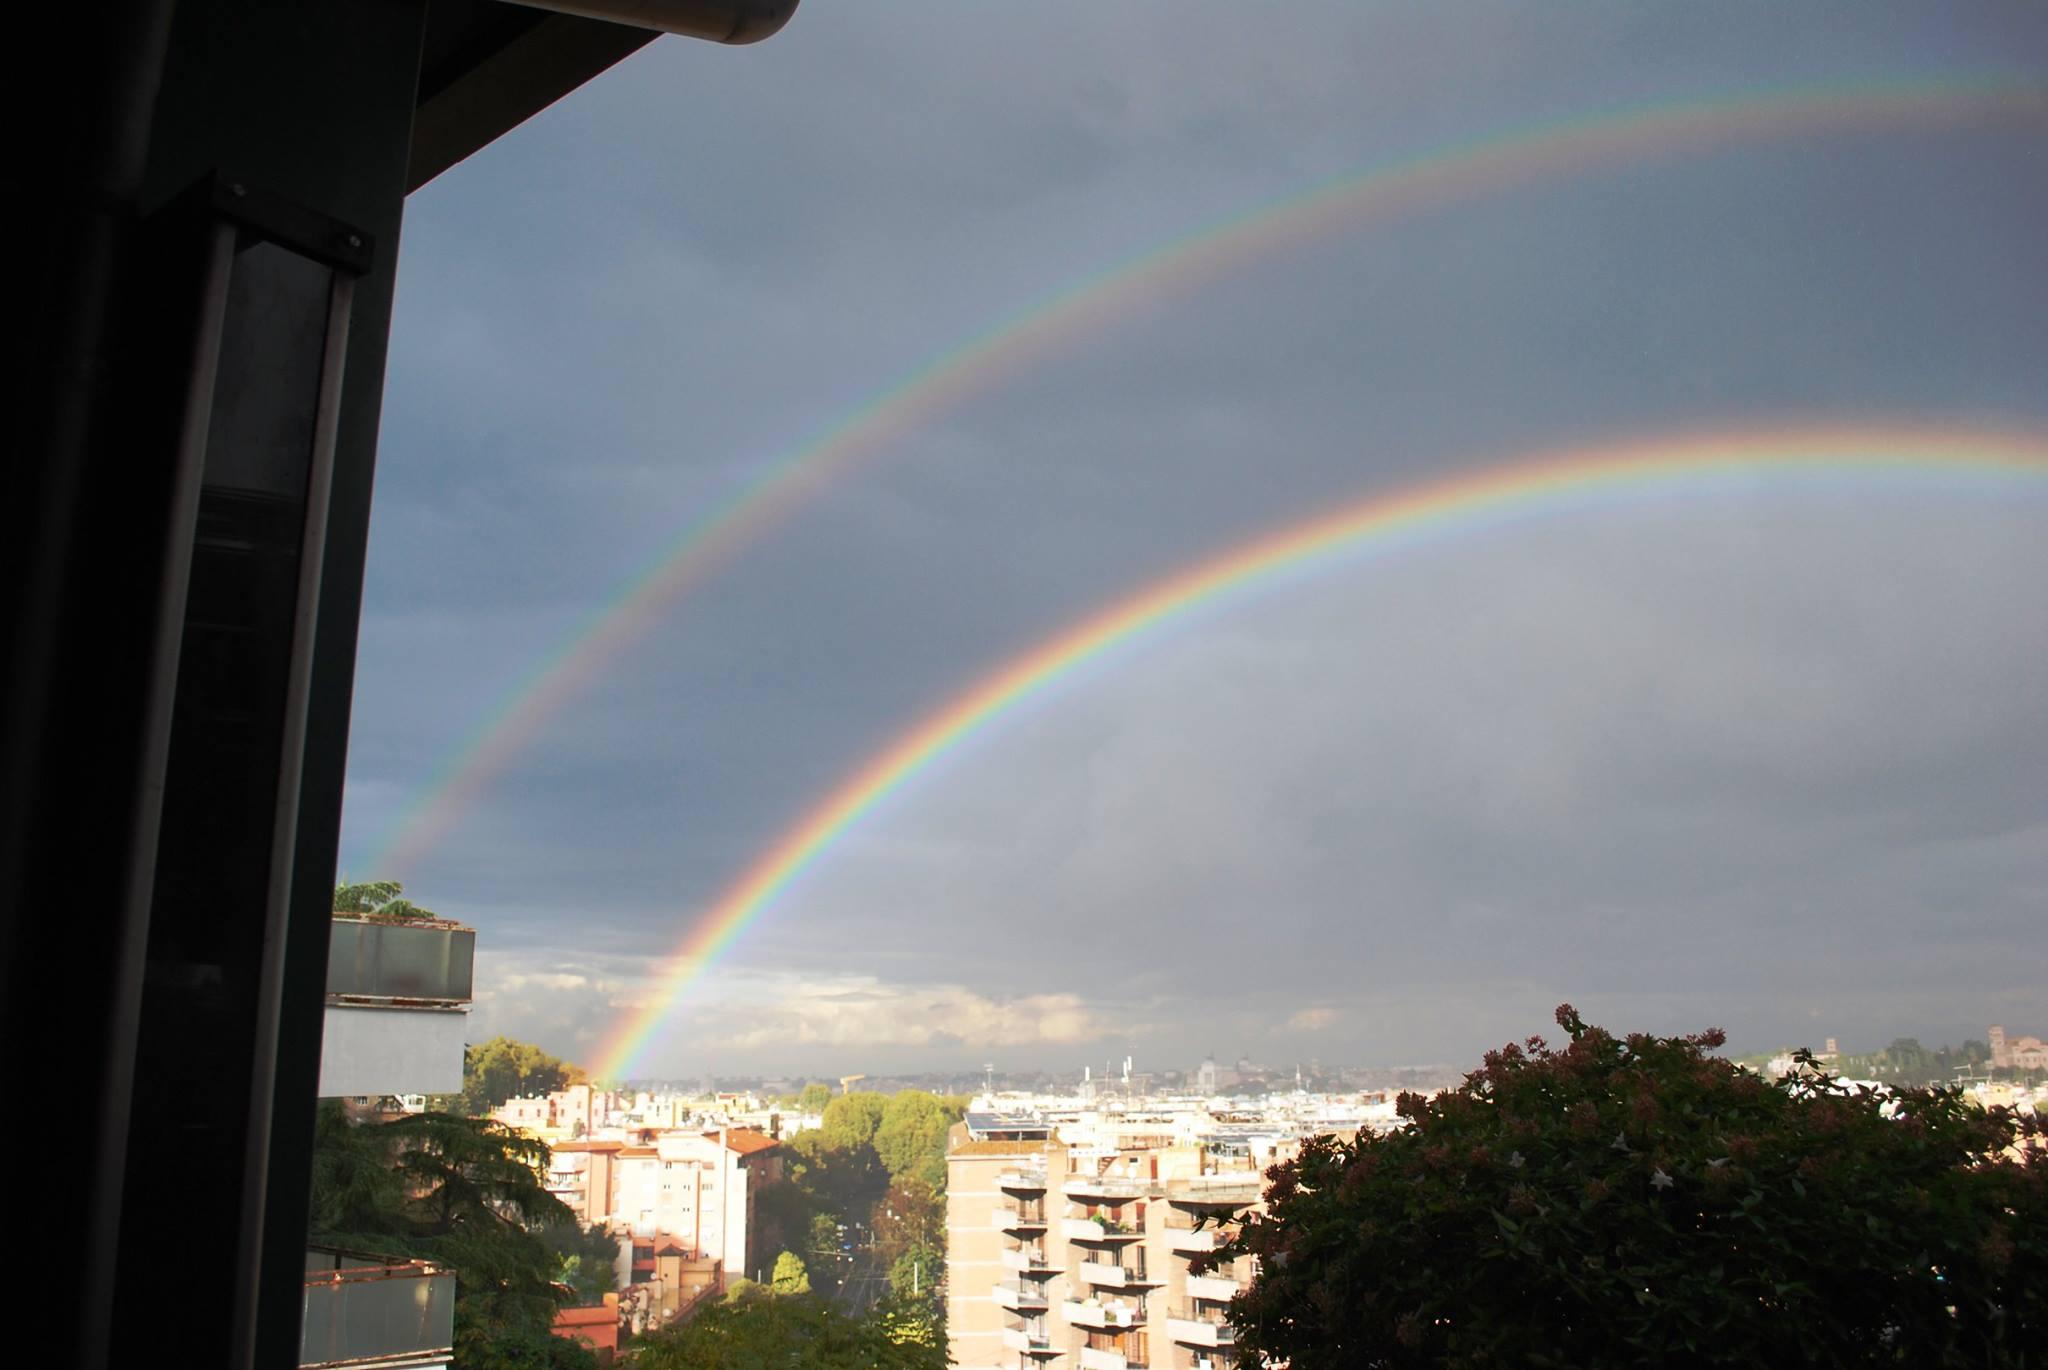 Roma, spettacolare arcobaleno doppio nel pomeriggio sulla Capitale [GALLERY]